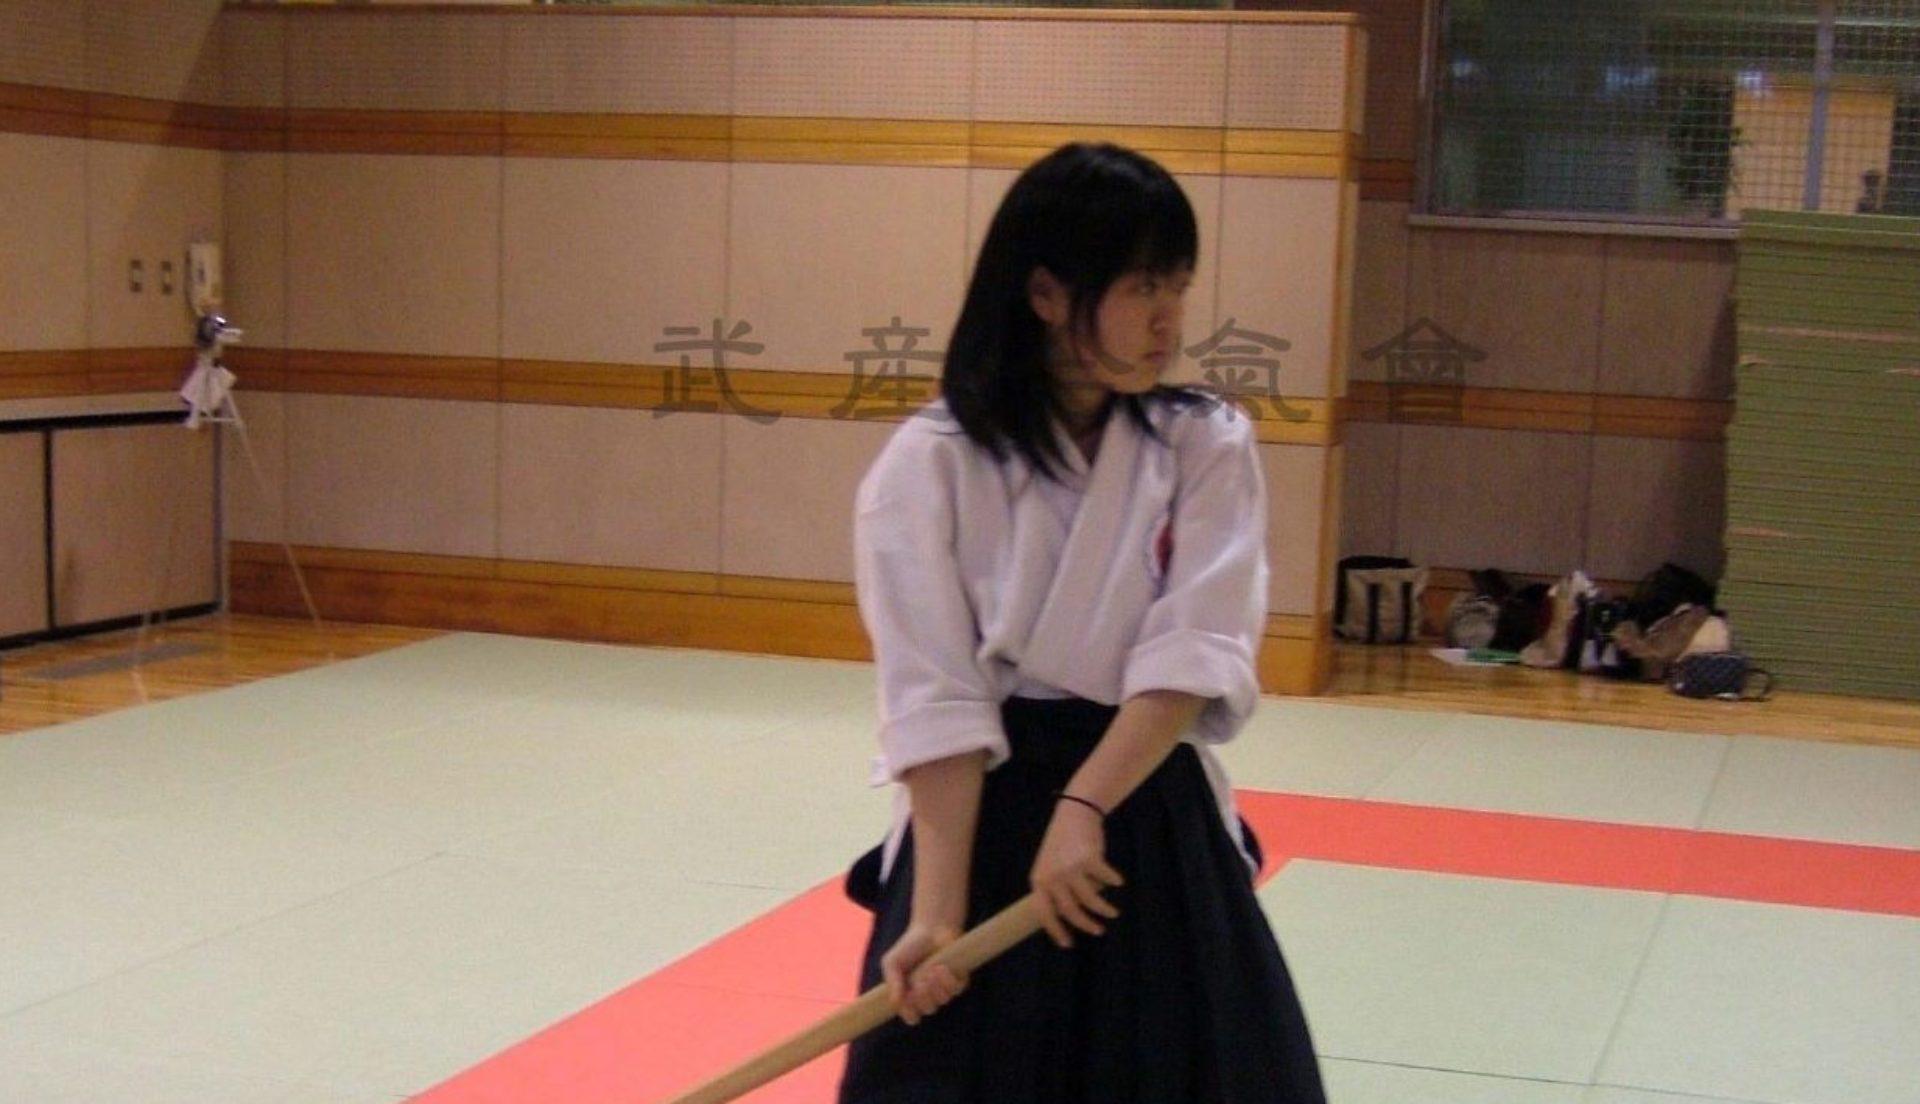 合気道・神戸 武産合氣會 /Aikido Kobe TakemusuAikikai/